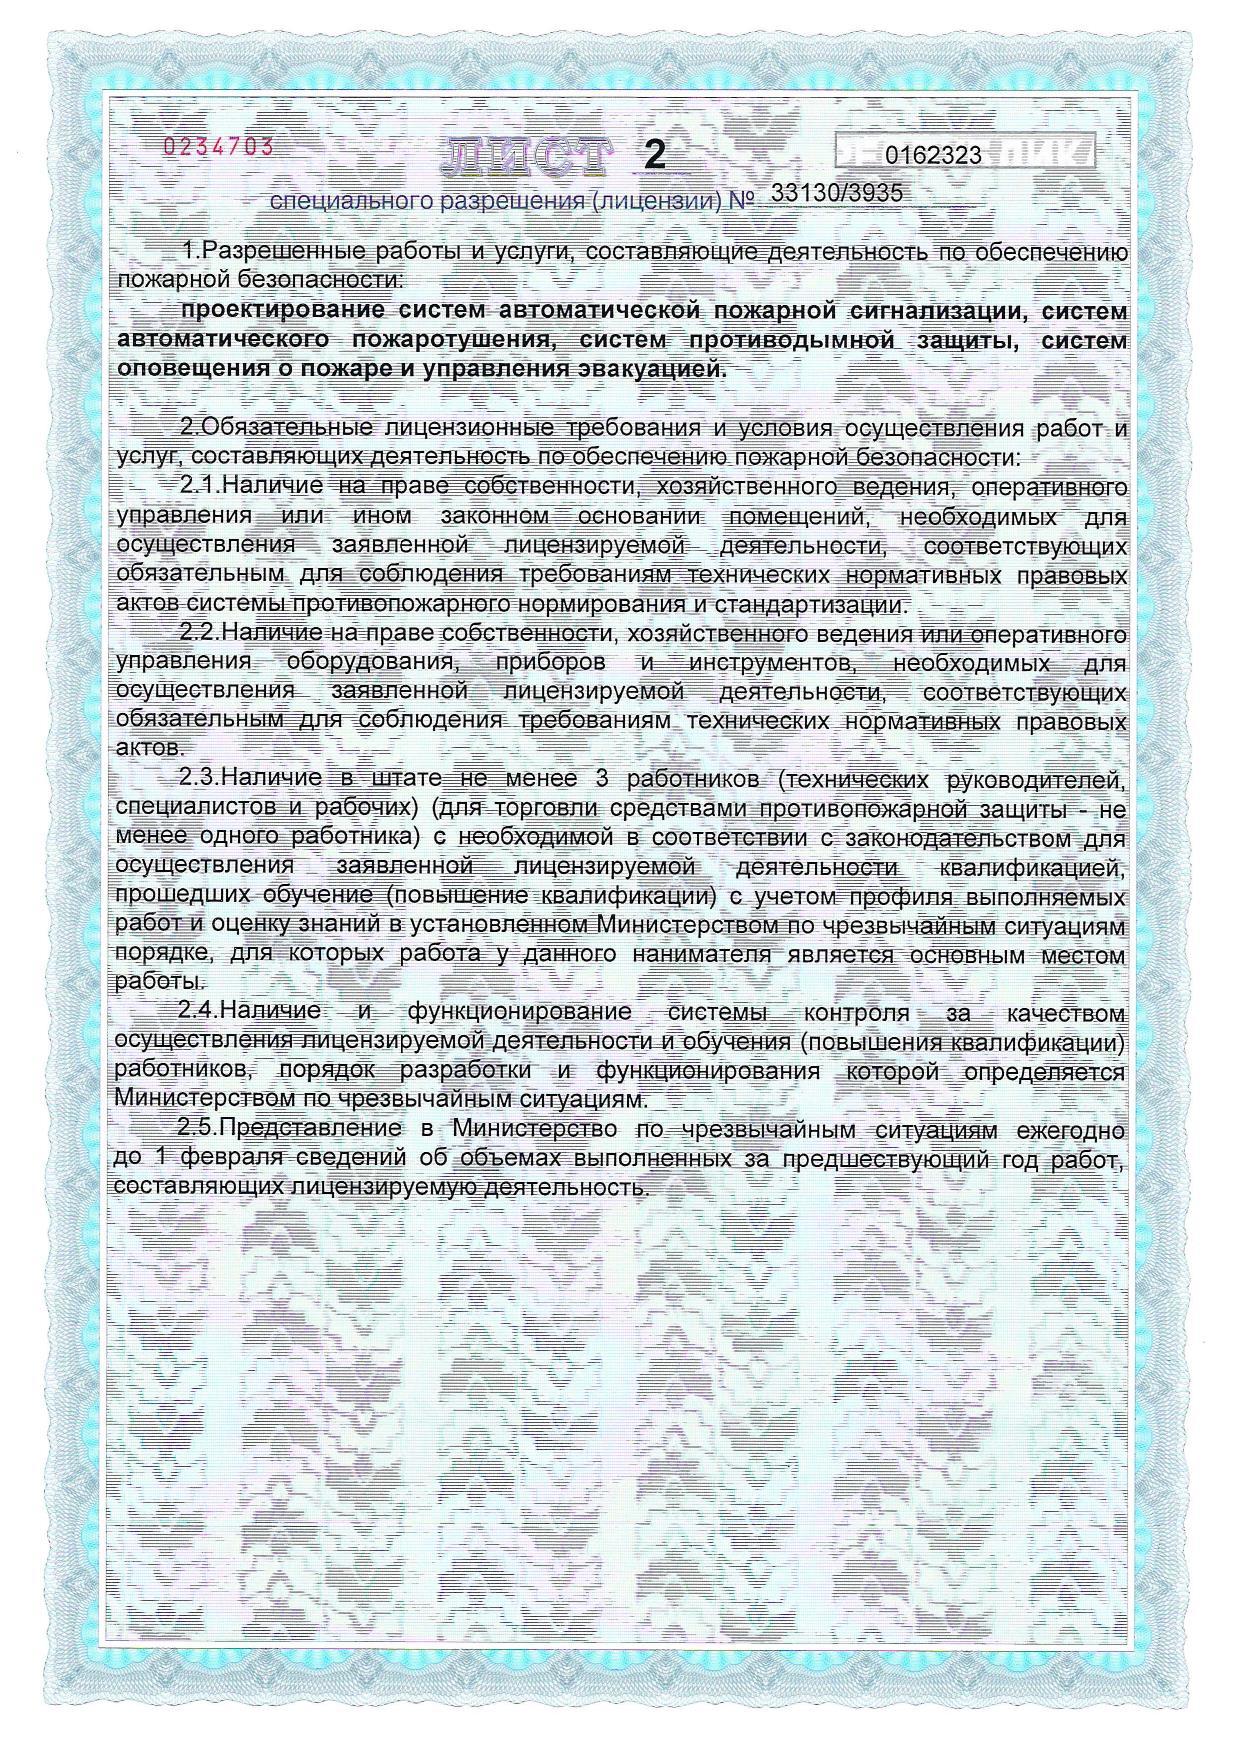 8.1 Лицензия МЧС (проектирование систем сигнализации, пожаротушения, противодымной защиты, оповещения...)